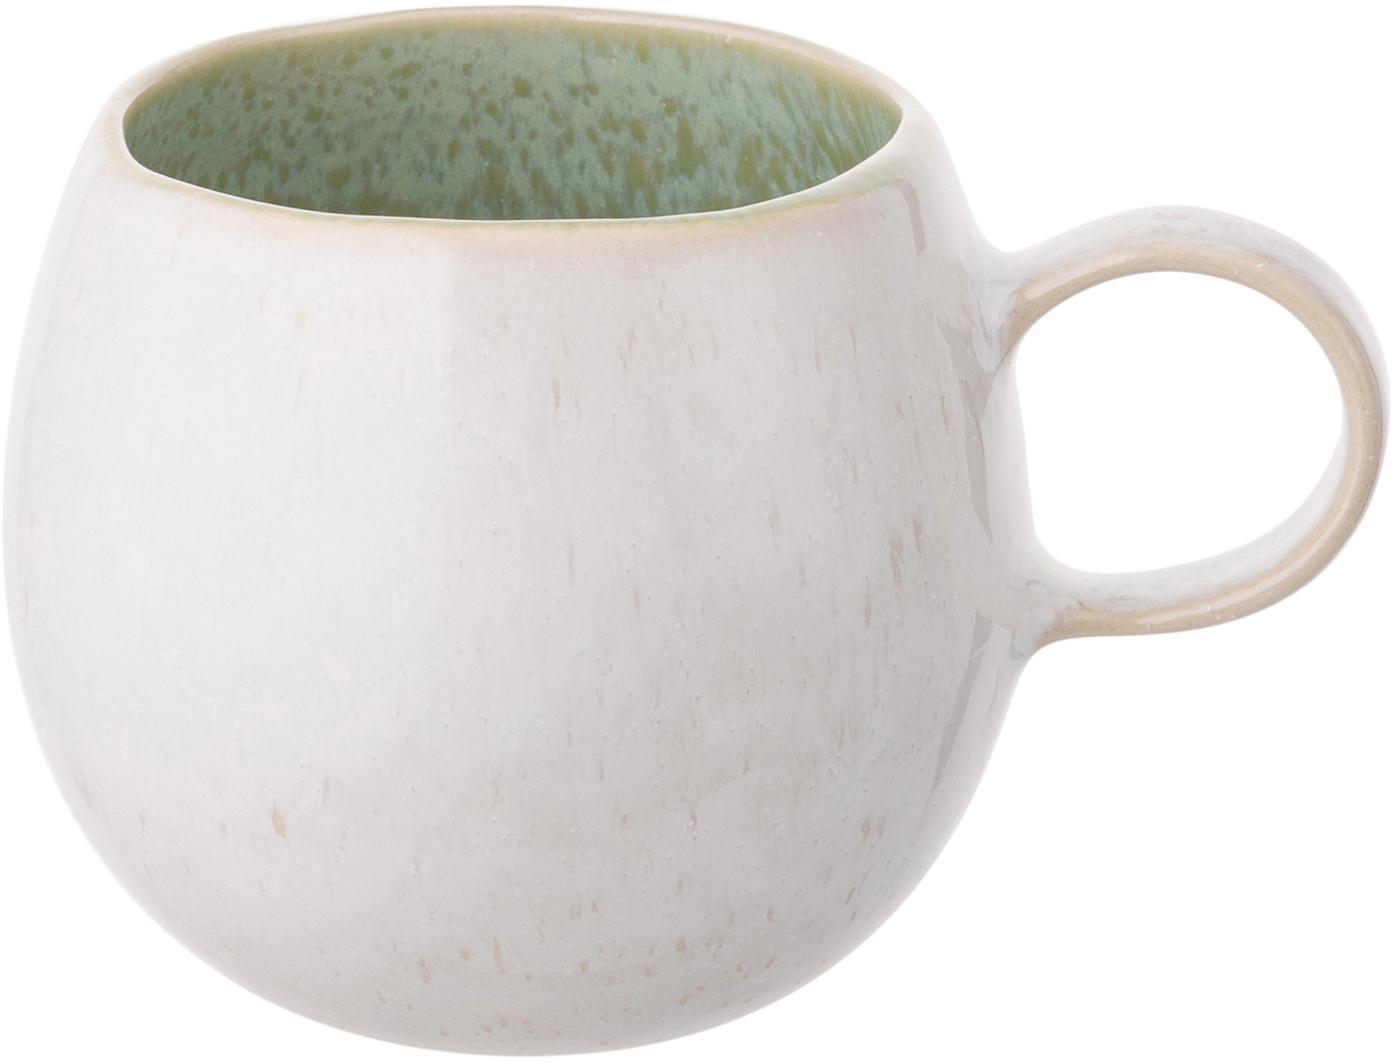 Handgeschilderde theemokken Areia, 2 stuks, Keramiek, Mintgroen, gebroken wit, beige, Ø 9 x H 10 cm